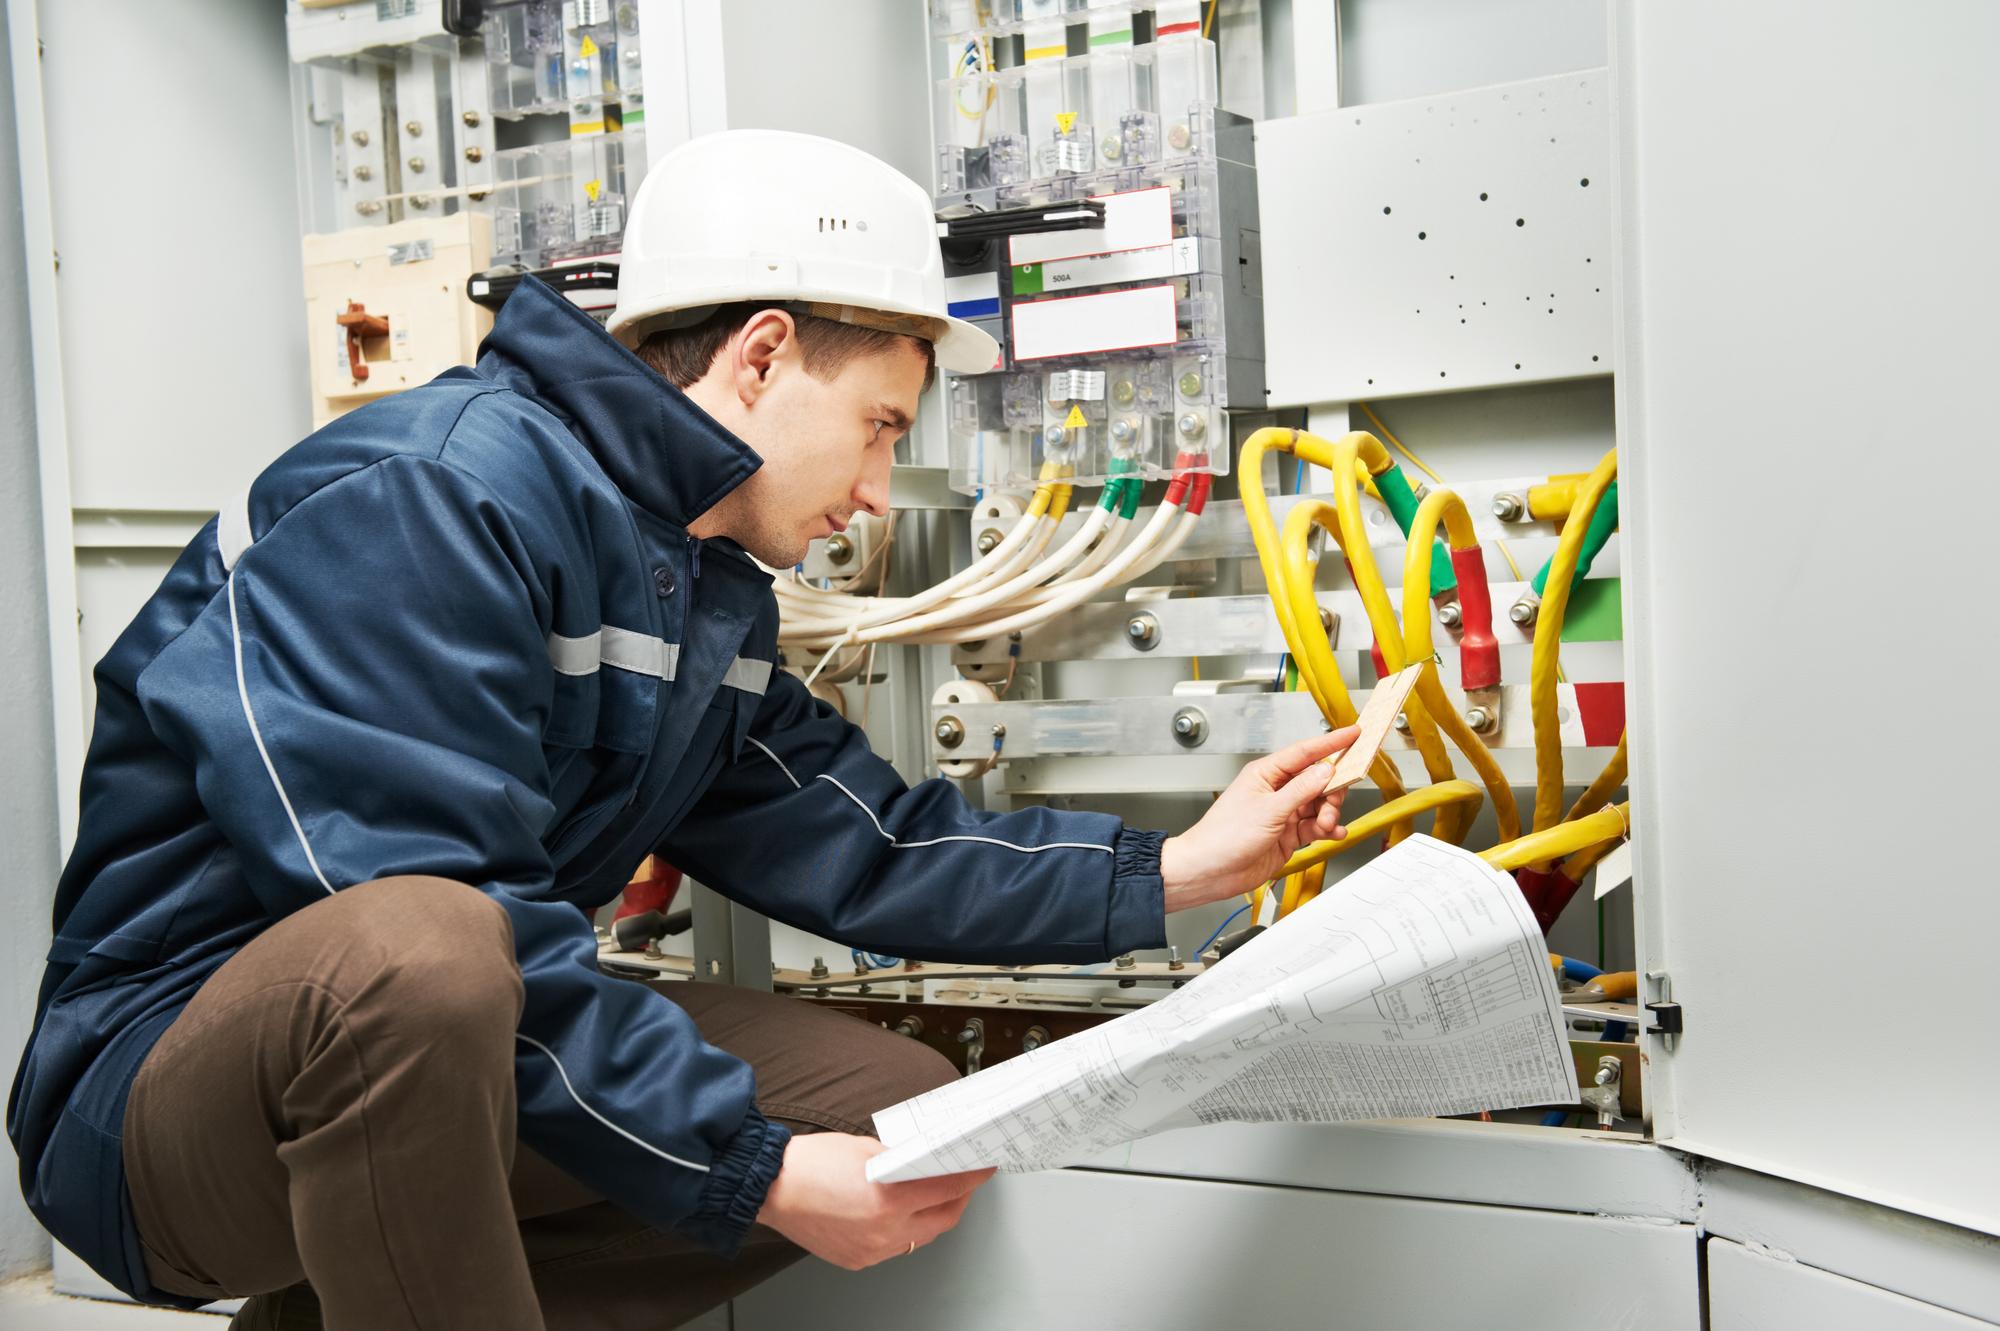 Imagen en la que aparece un trabajador revisando una instalación de cables